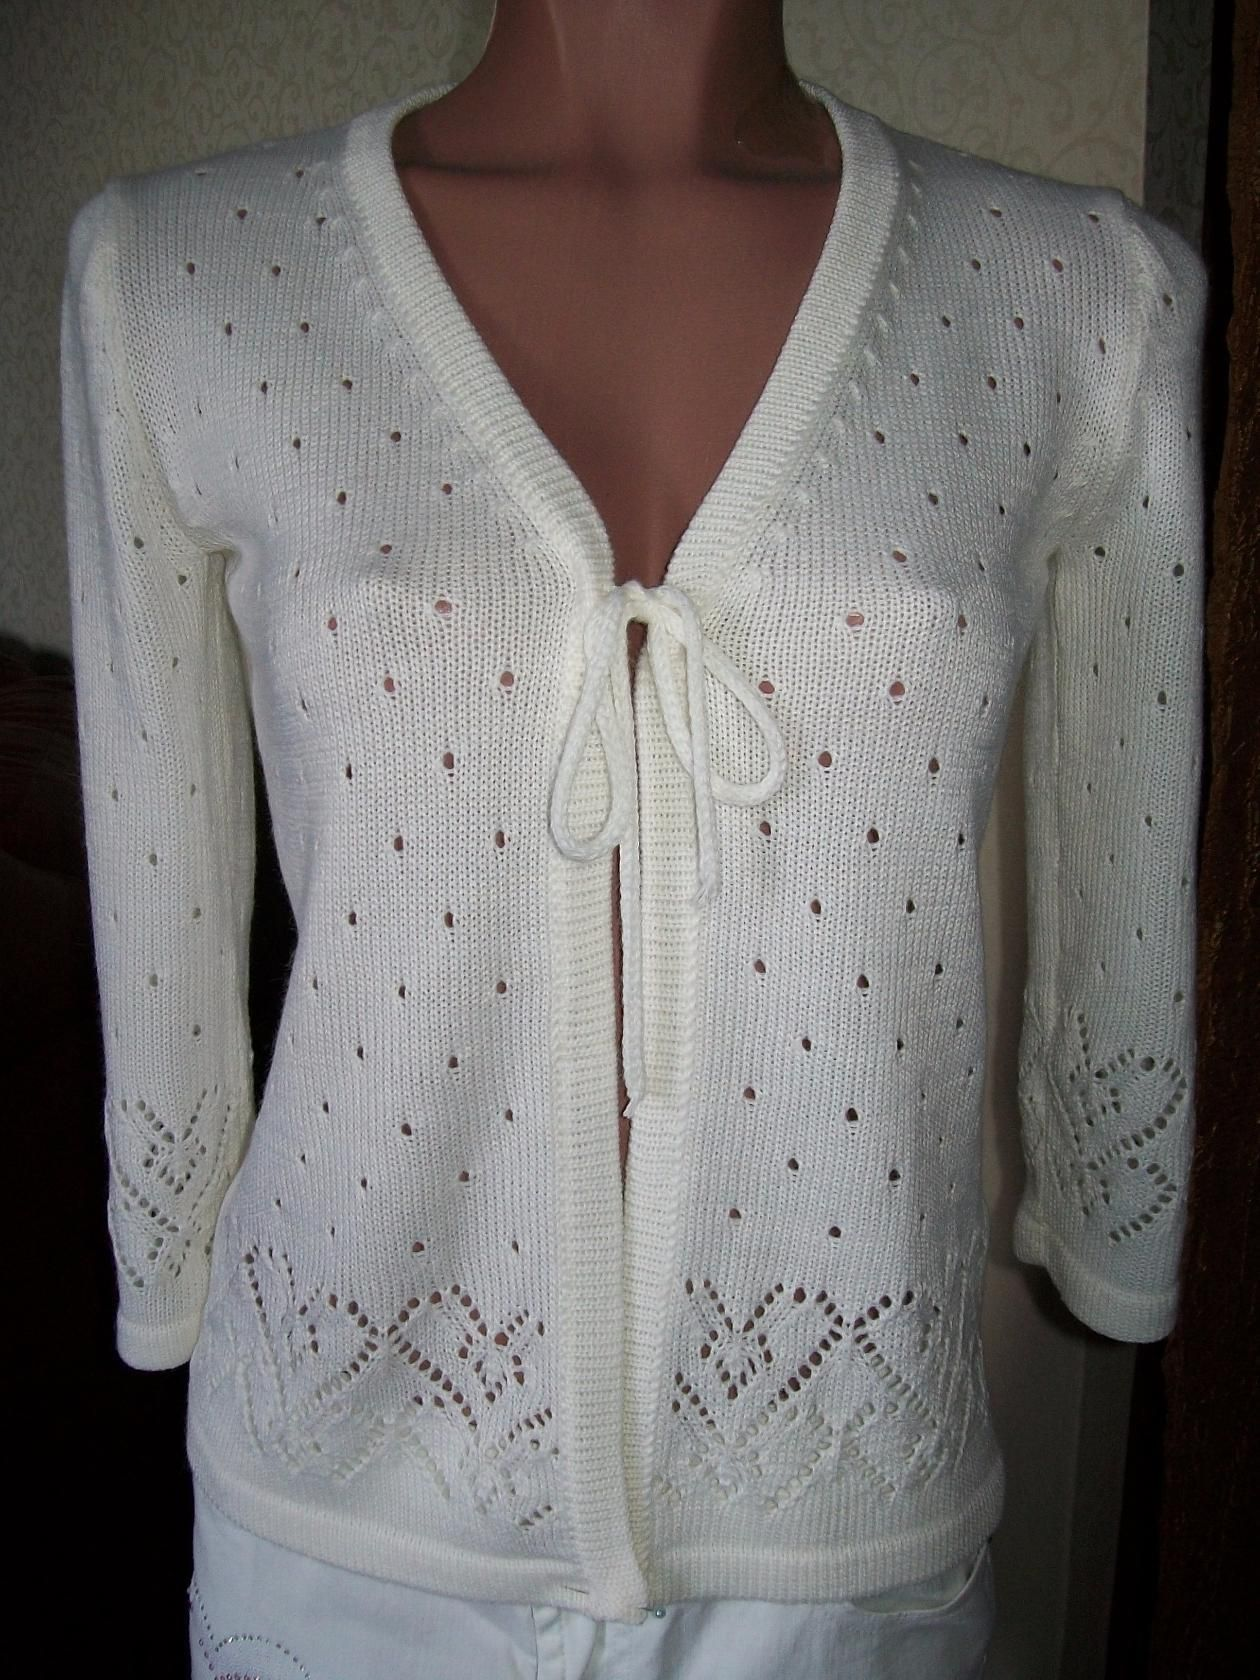 Pin de Rosa Alarcón en chaquetas | Pinterest | Tejido, Vestidos dama ...